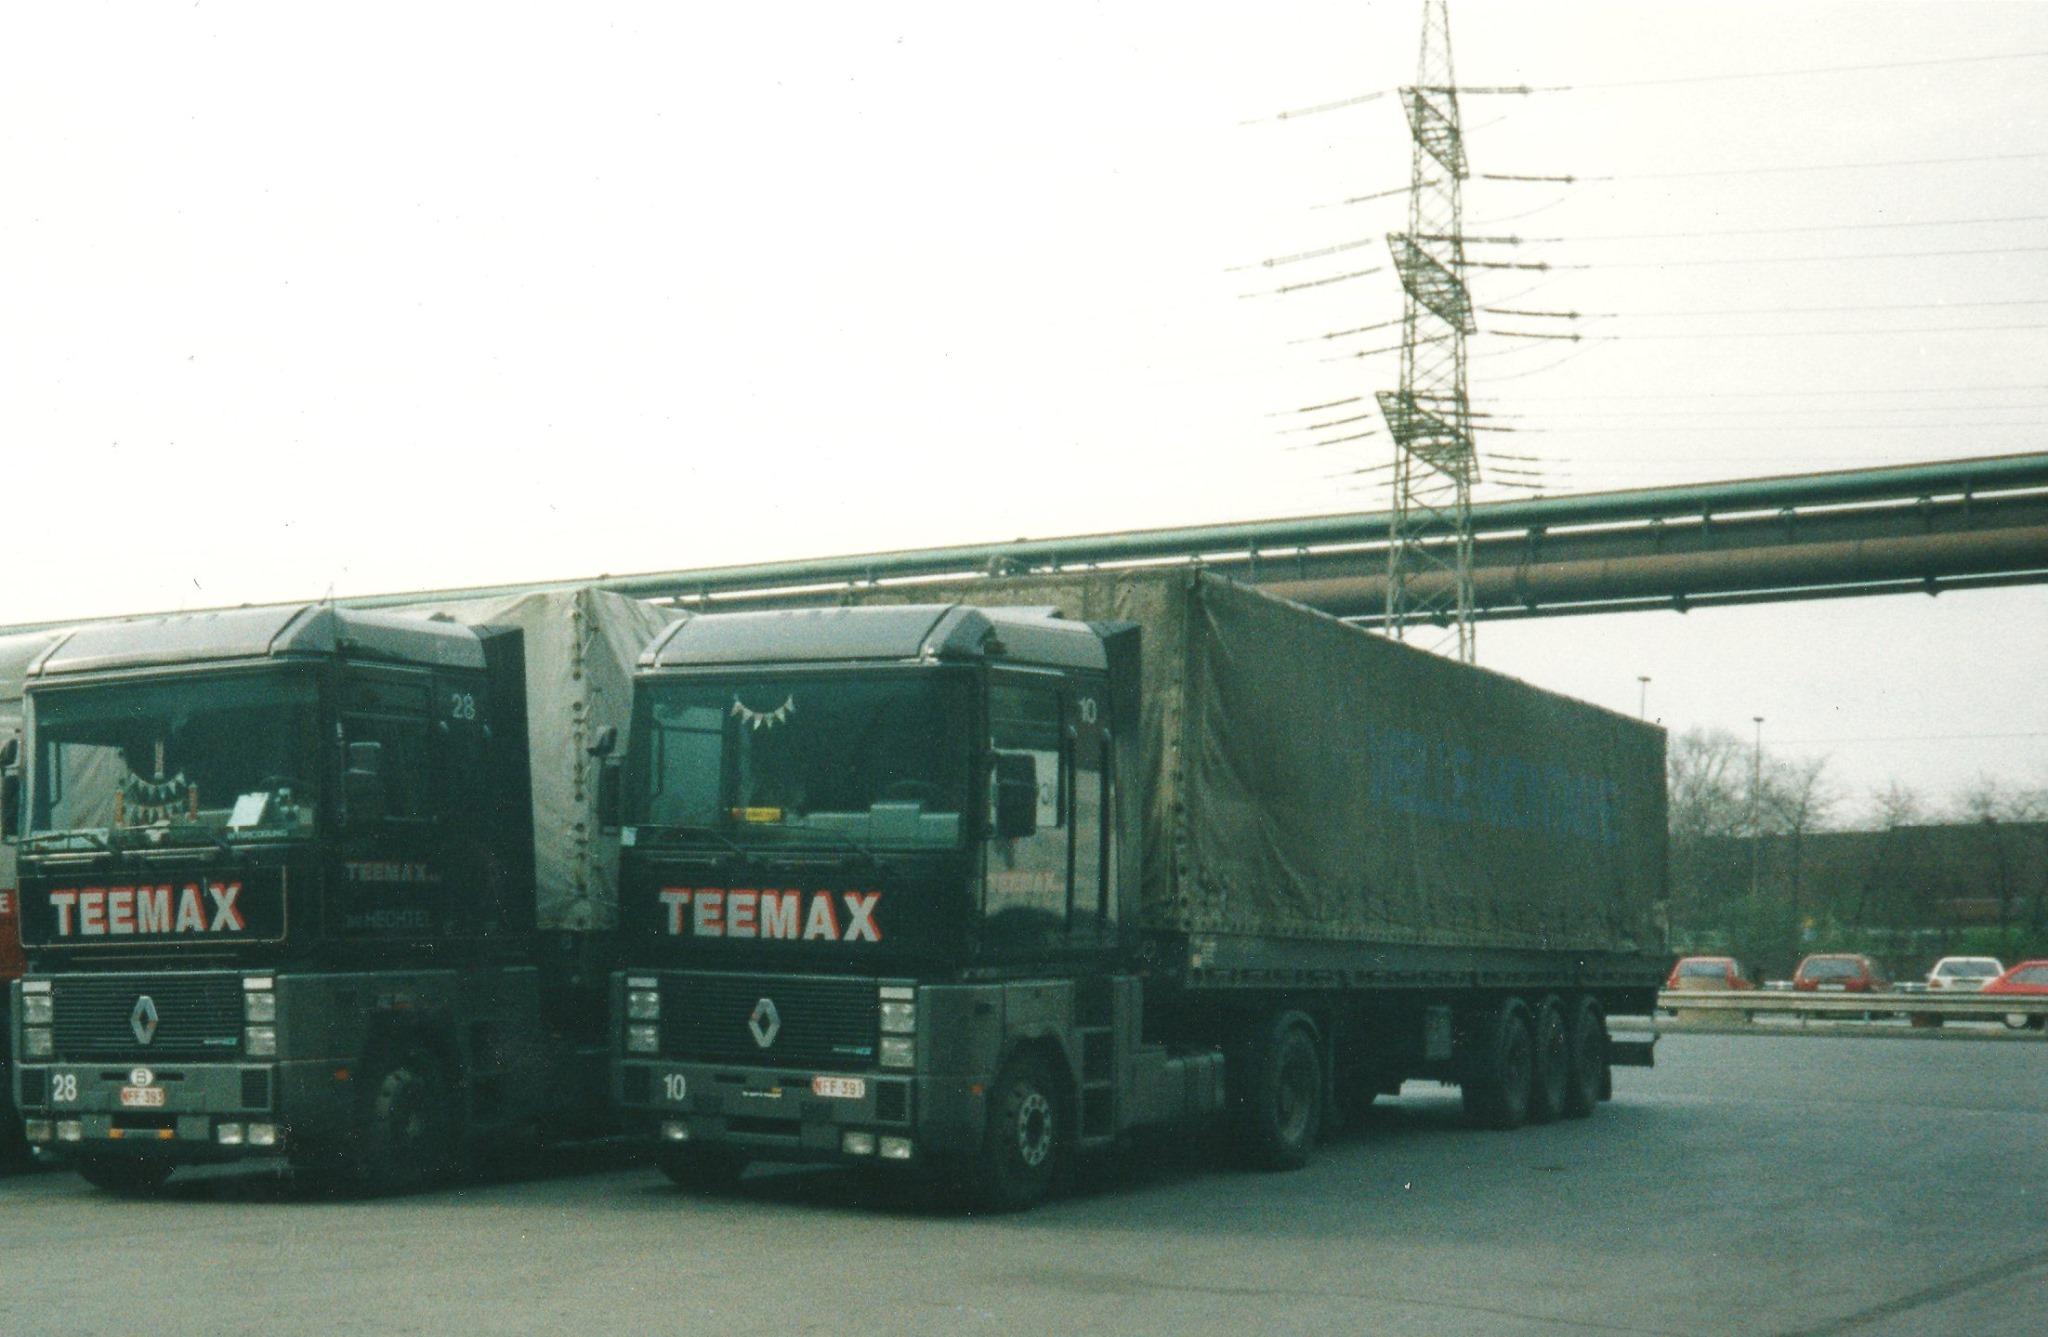 Laatste-wagens-aangeschaft-door-Teemax-voordat-het-werd-overgenomen-door-Hellings-uit-Bree